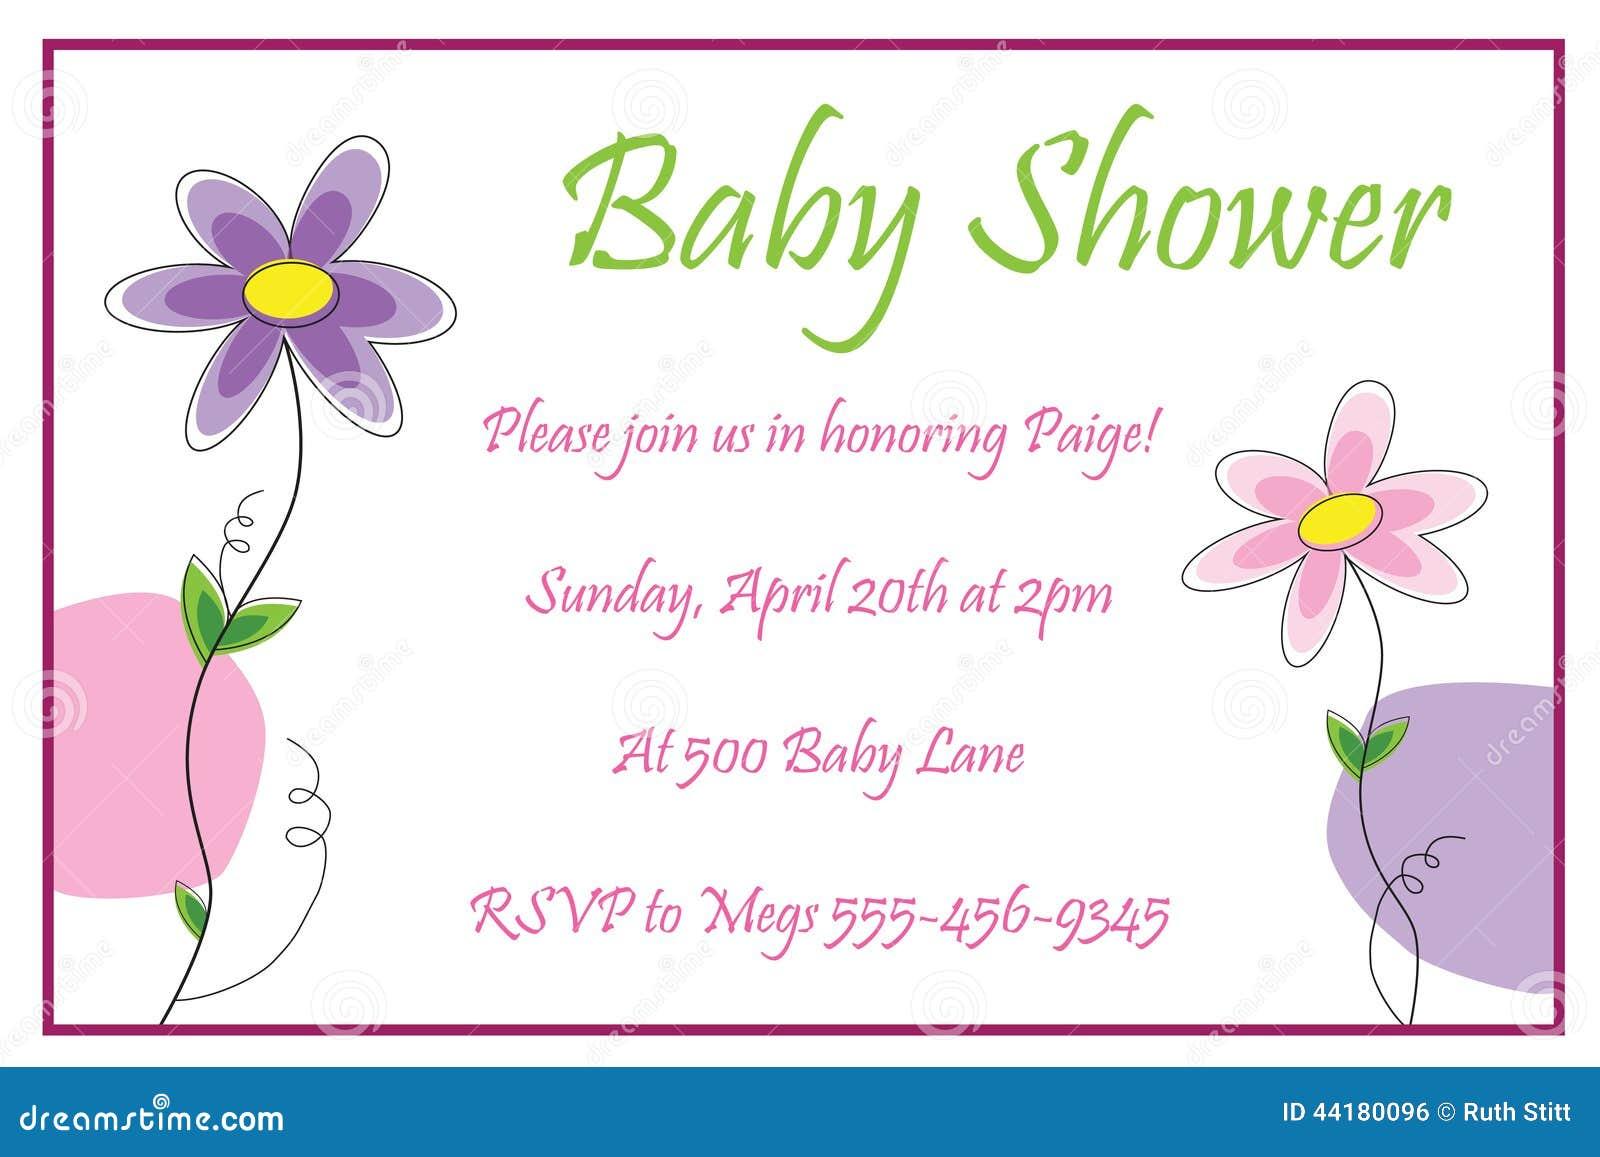 Babyparty Einladung Spruche U2013 Canevision, Einladung